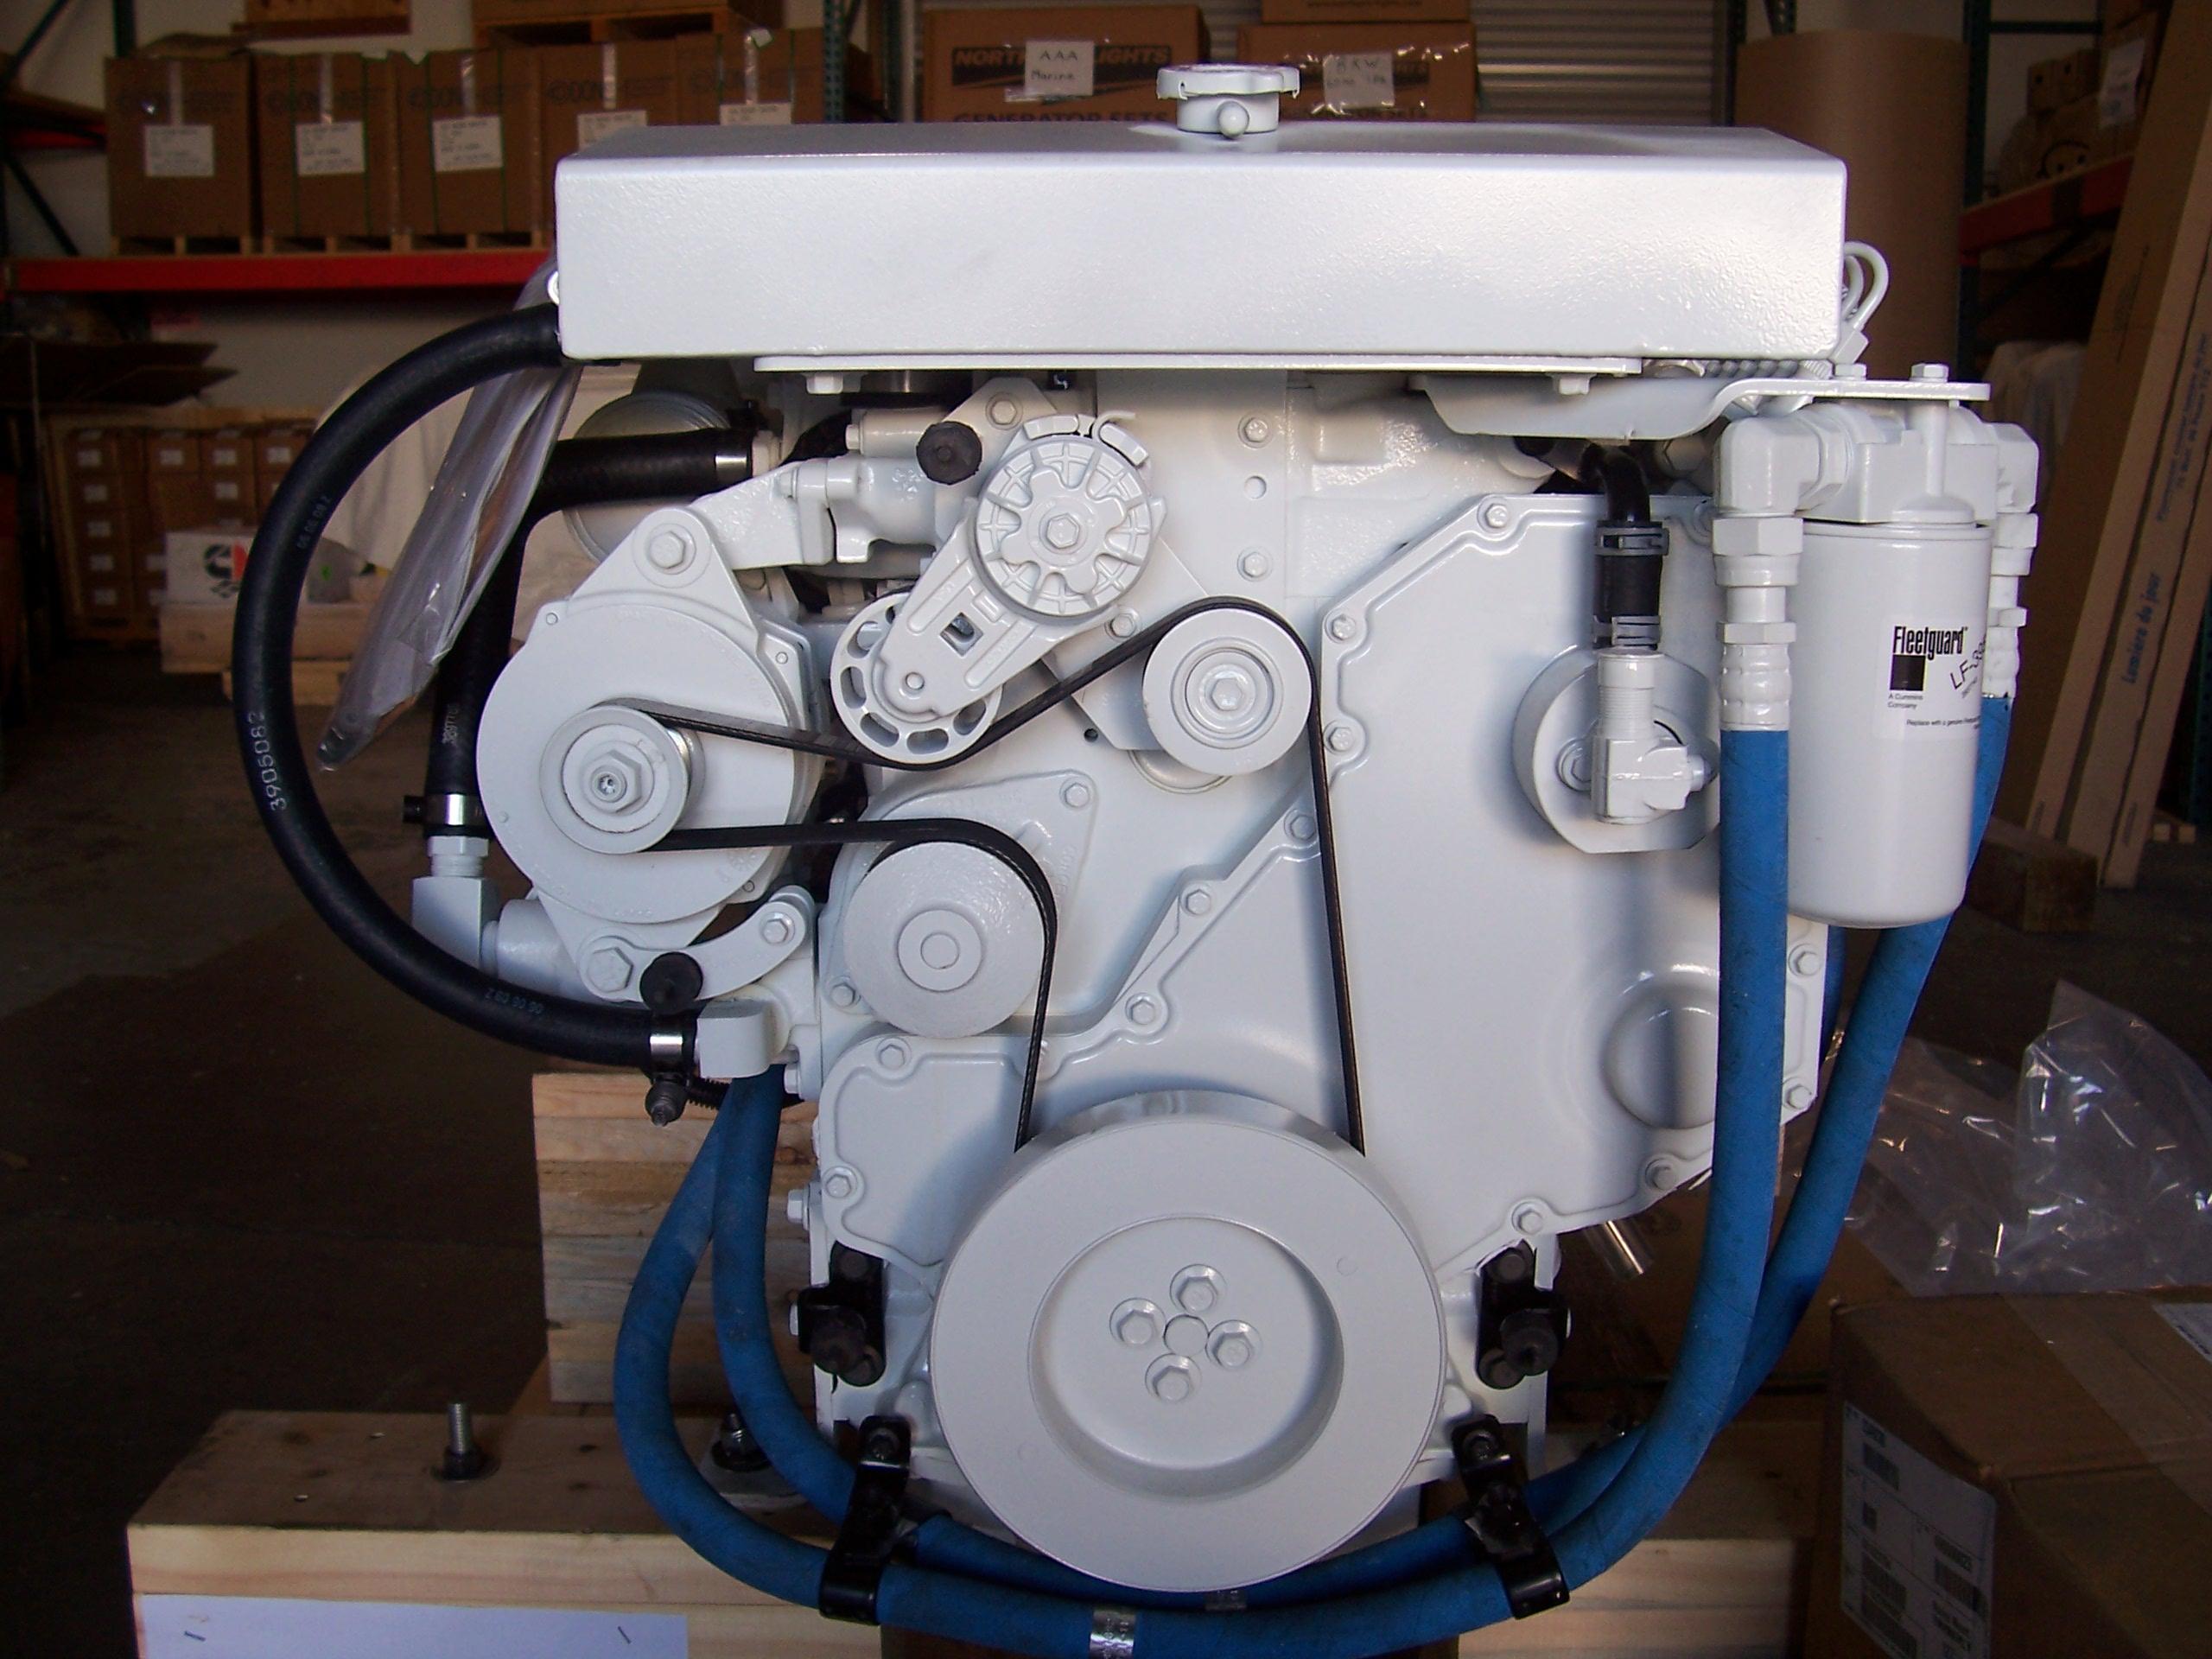 21si Alternator Delco 28si Wiring Diagram Bta Belt Wrap With Si Seaboard Marine 2560x1920